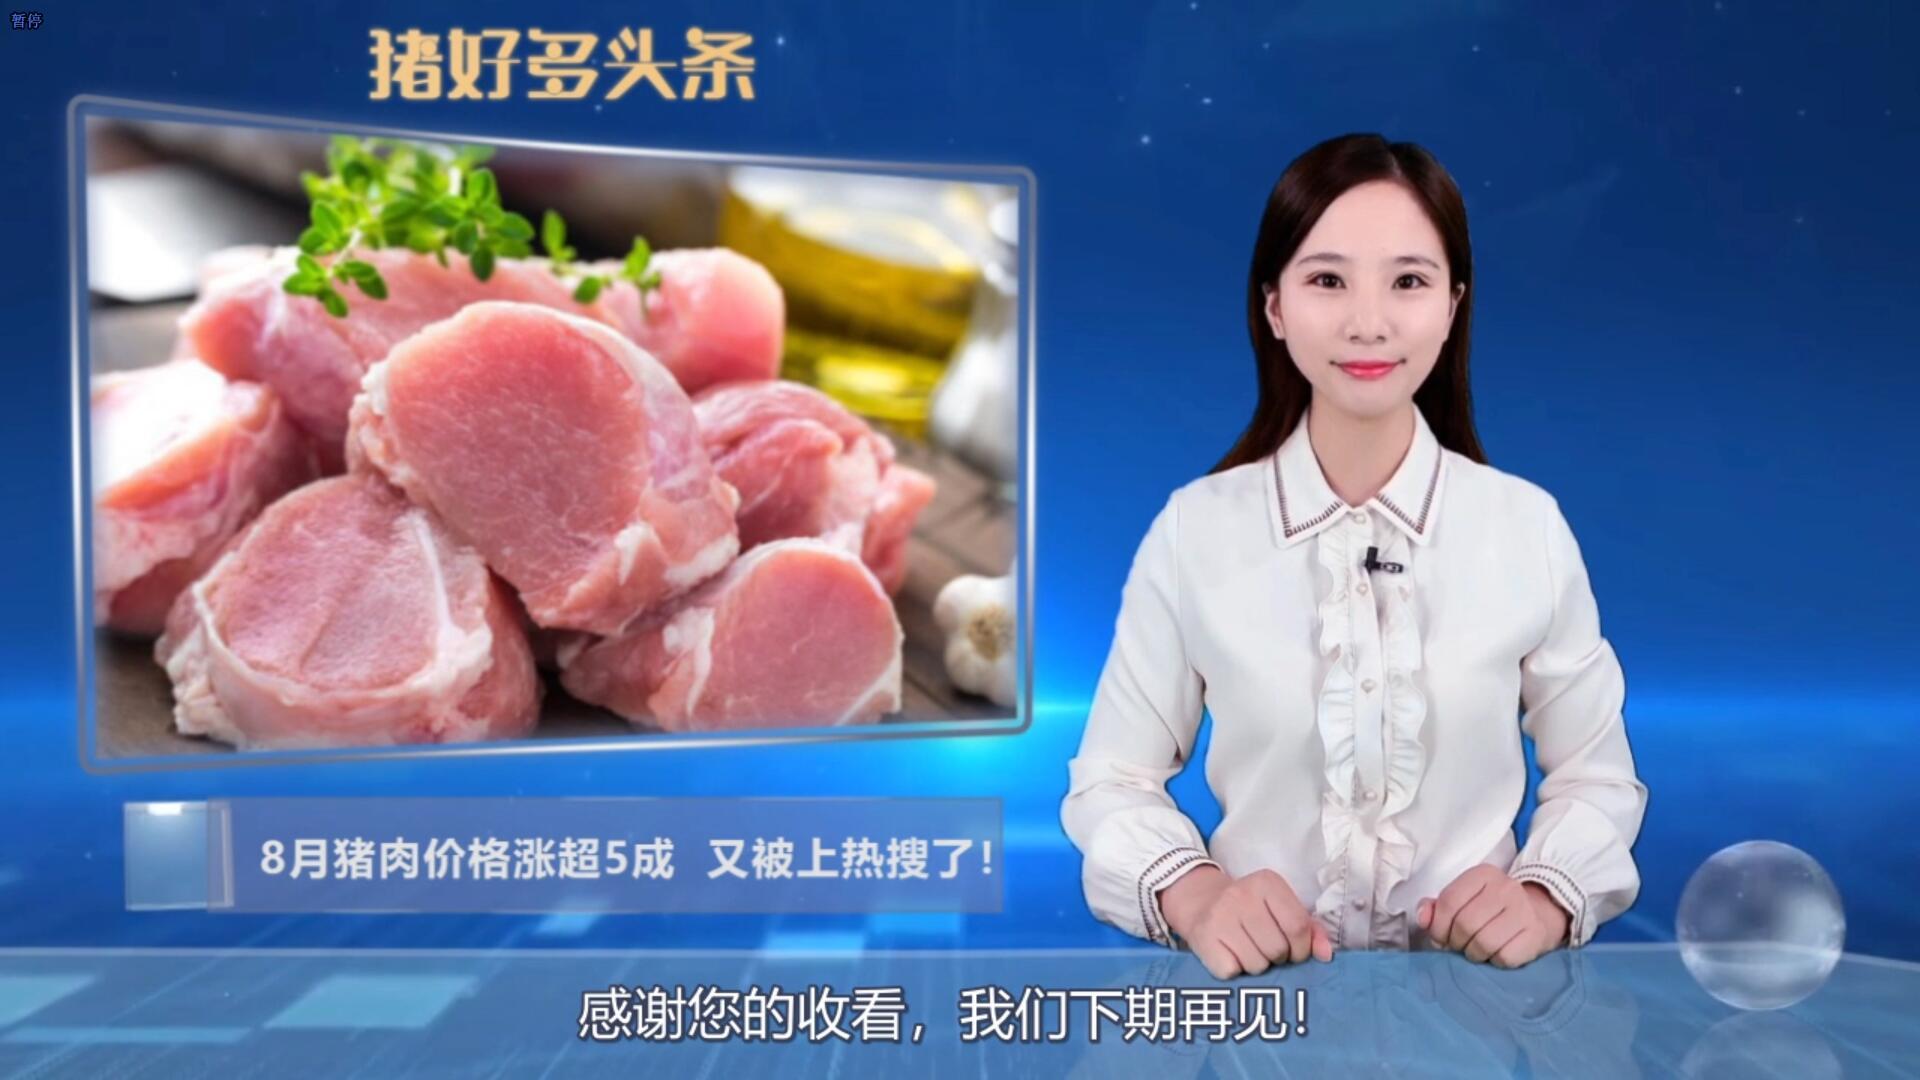 """刚刚!猪肉价格涨超5成又上热搜!网友:""""快忘记猪肉是啥味道"""""""